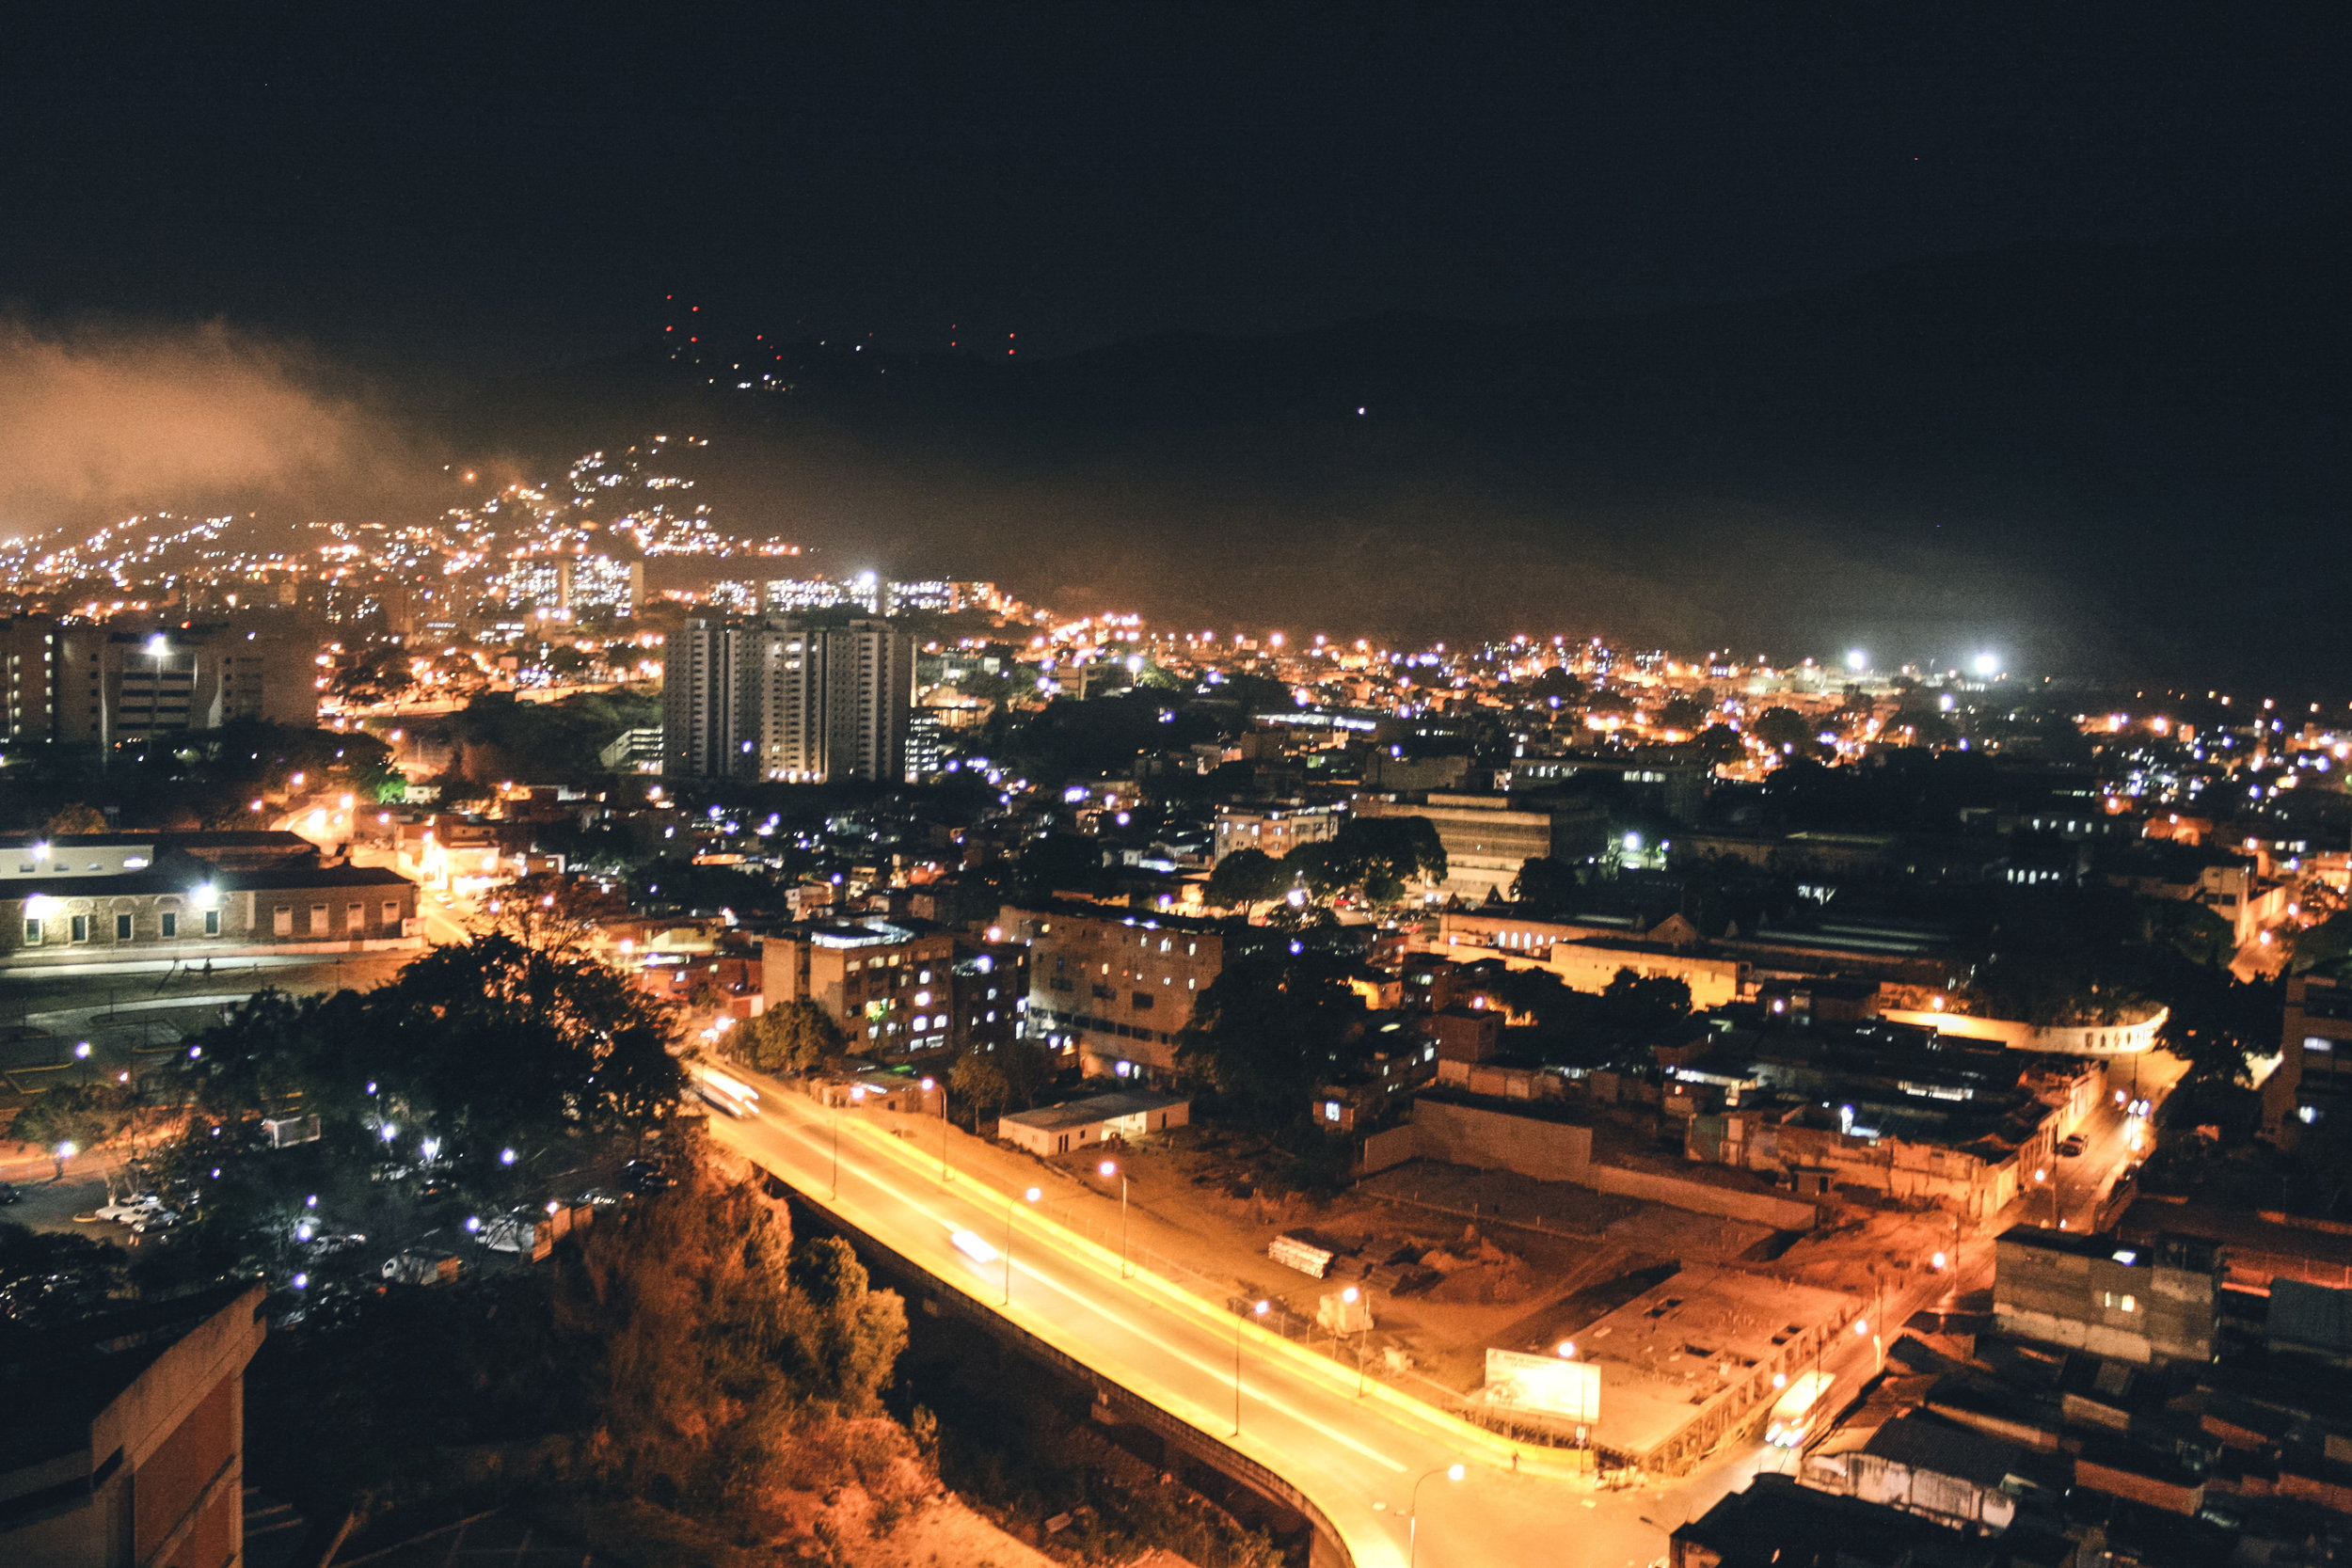 Loureiro_Caracas by Night_30.jpg